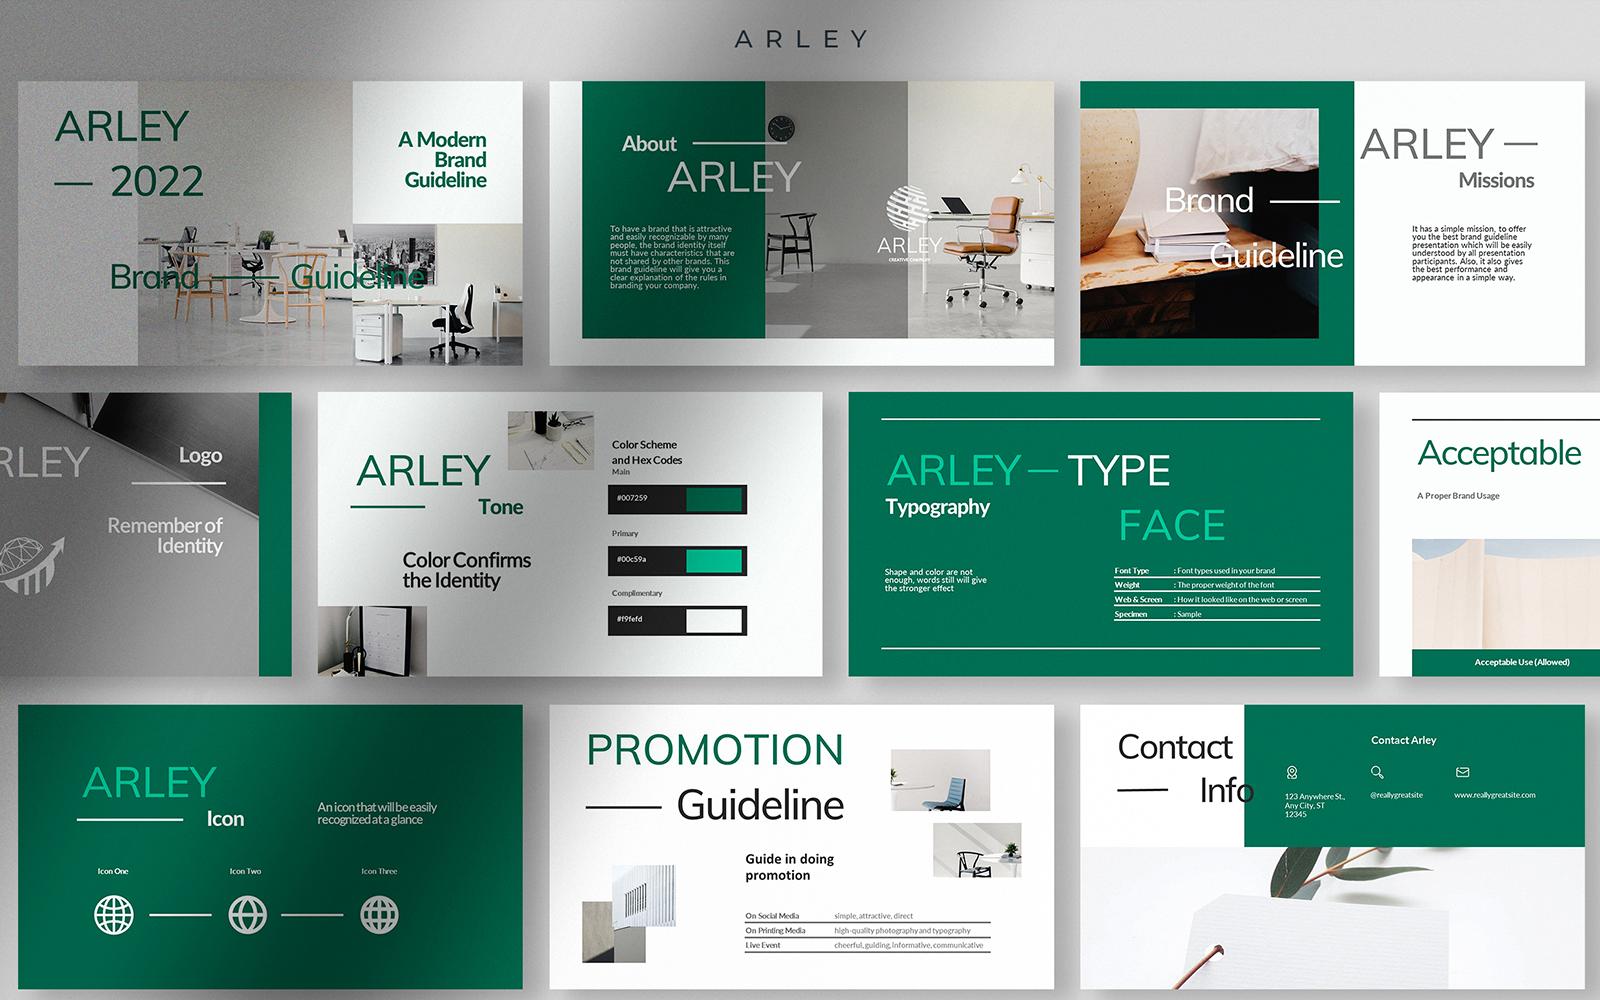 Arley - Modern Brand Guideline PPT